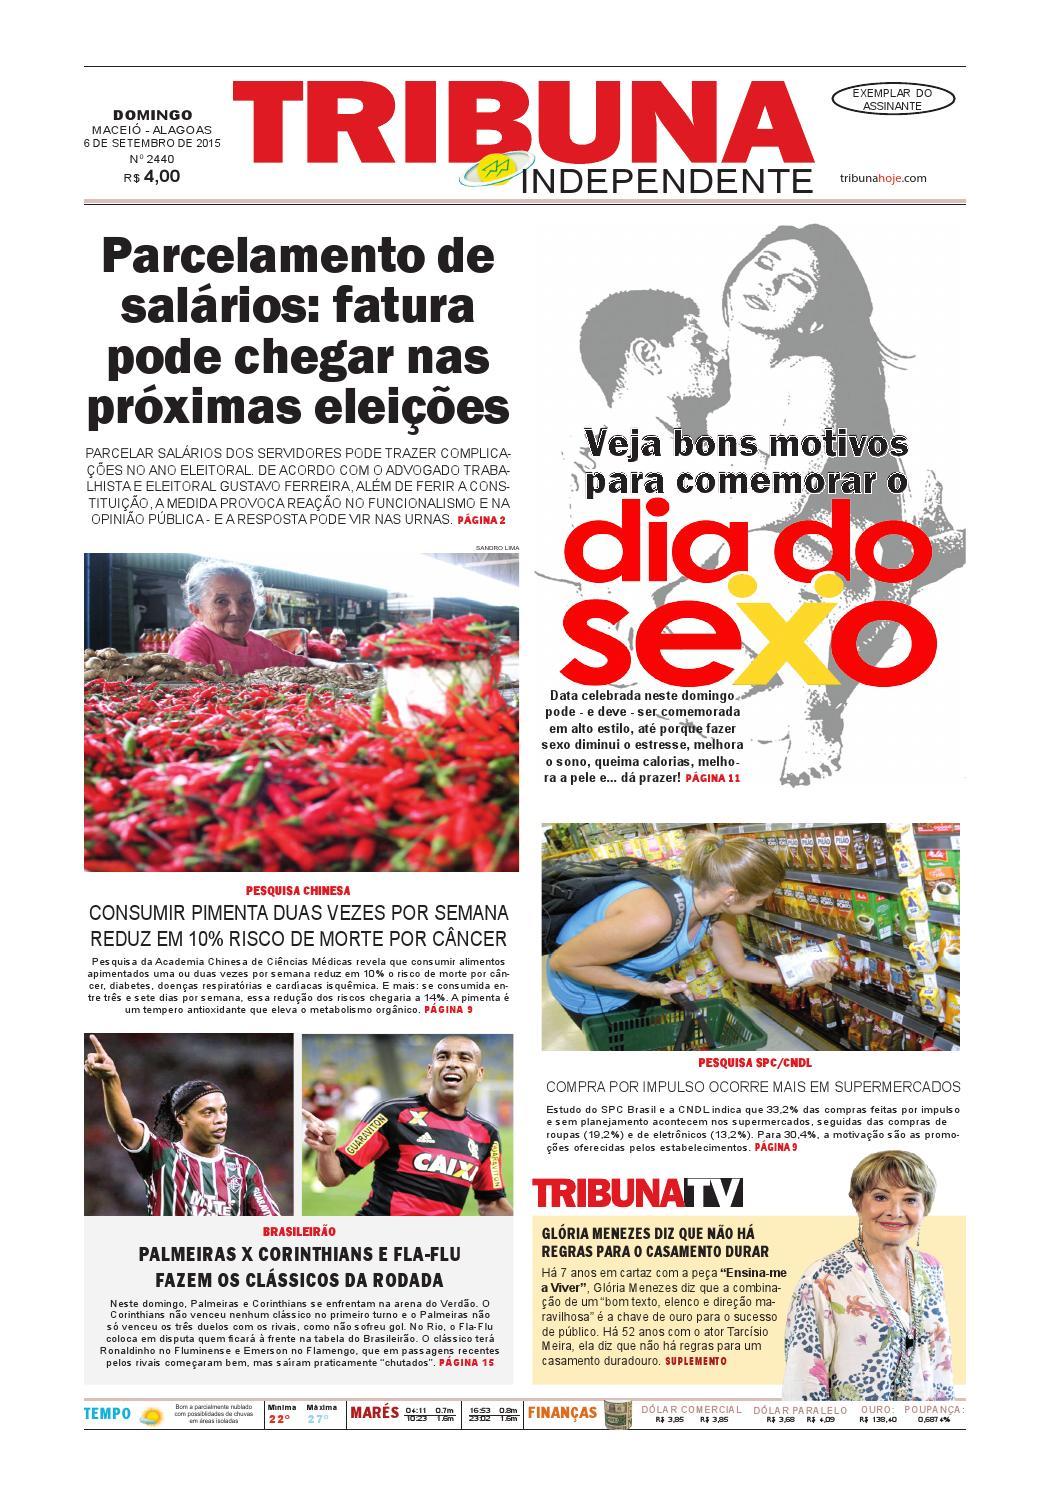 Edição número 2440 - 6 de setembro de 2015 by Tribuna Hoje - issuu d69ef60362